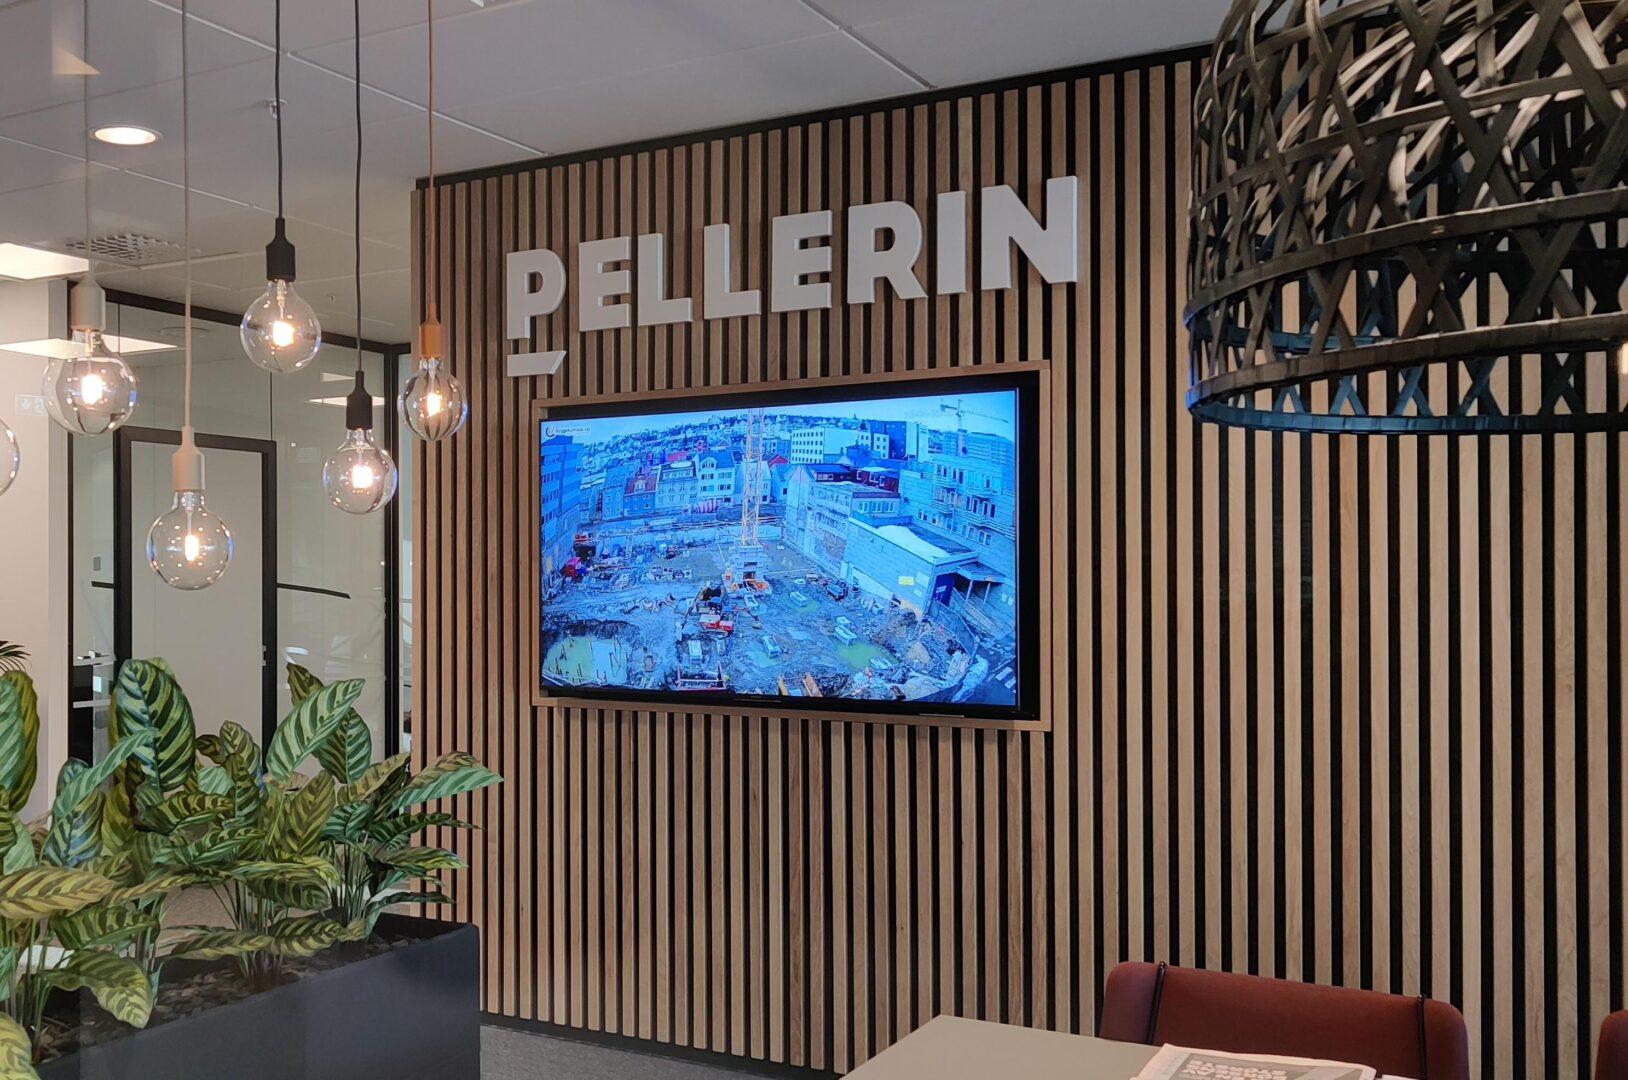 infoskjerm sosial sone Pellerin skjerm Intuy informasjonsskjerm